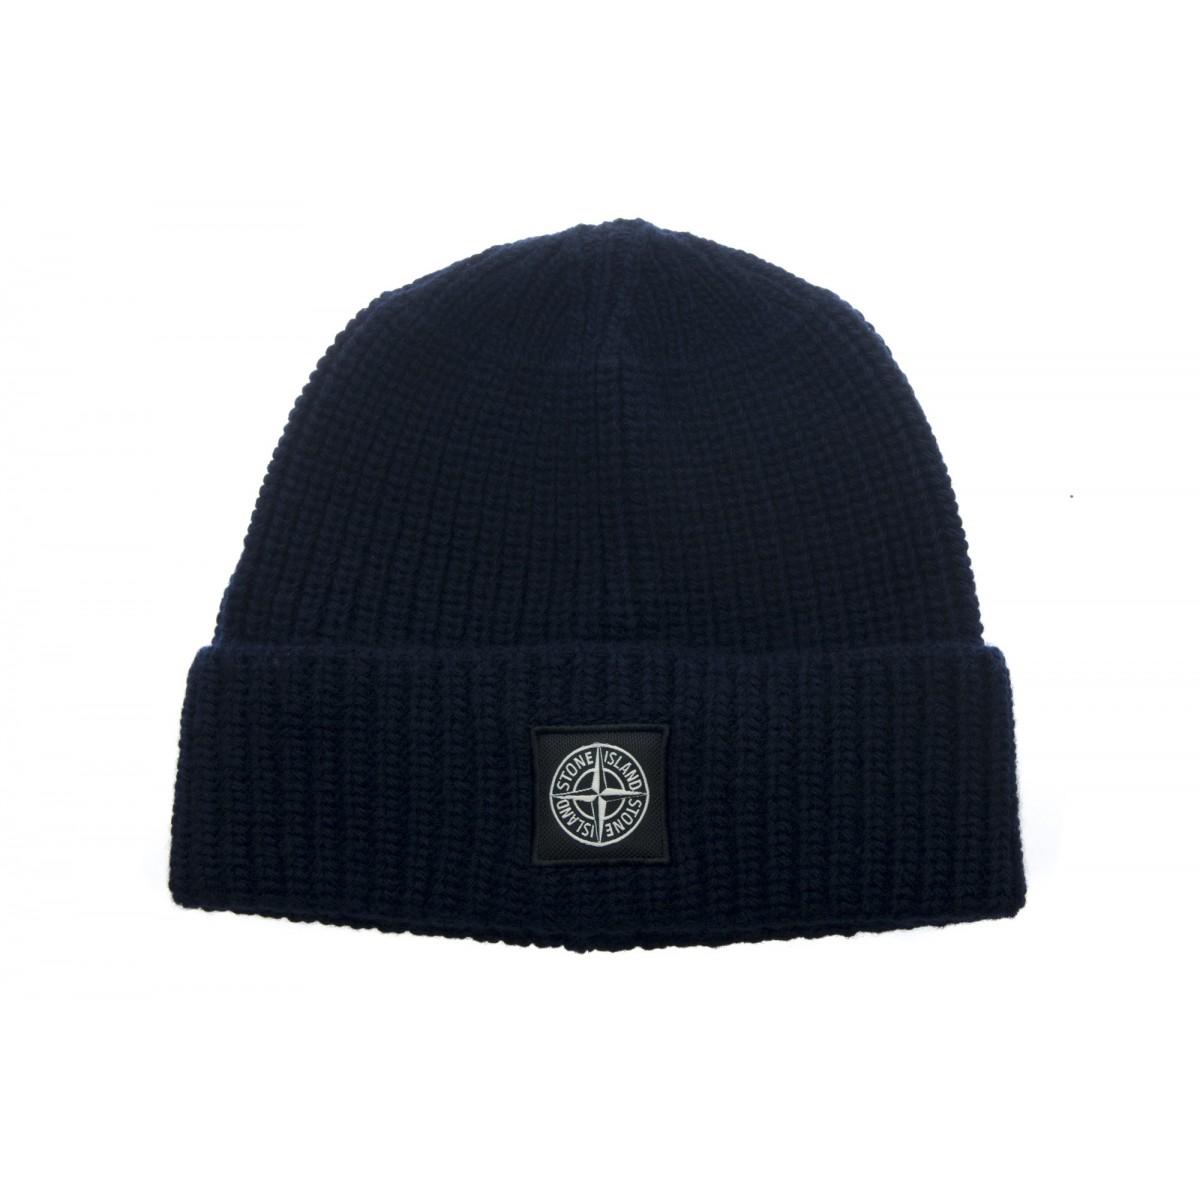 Berretto - N10b5 berreto coste lana